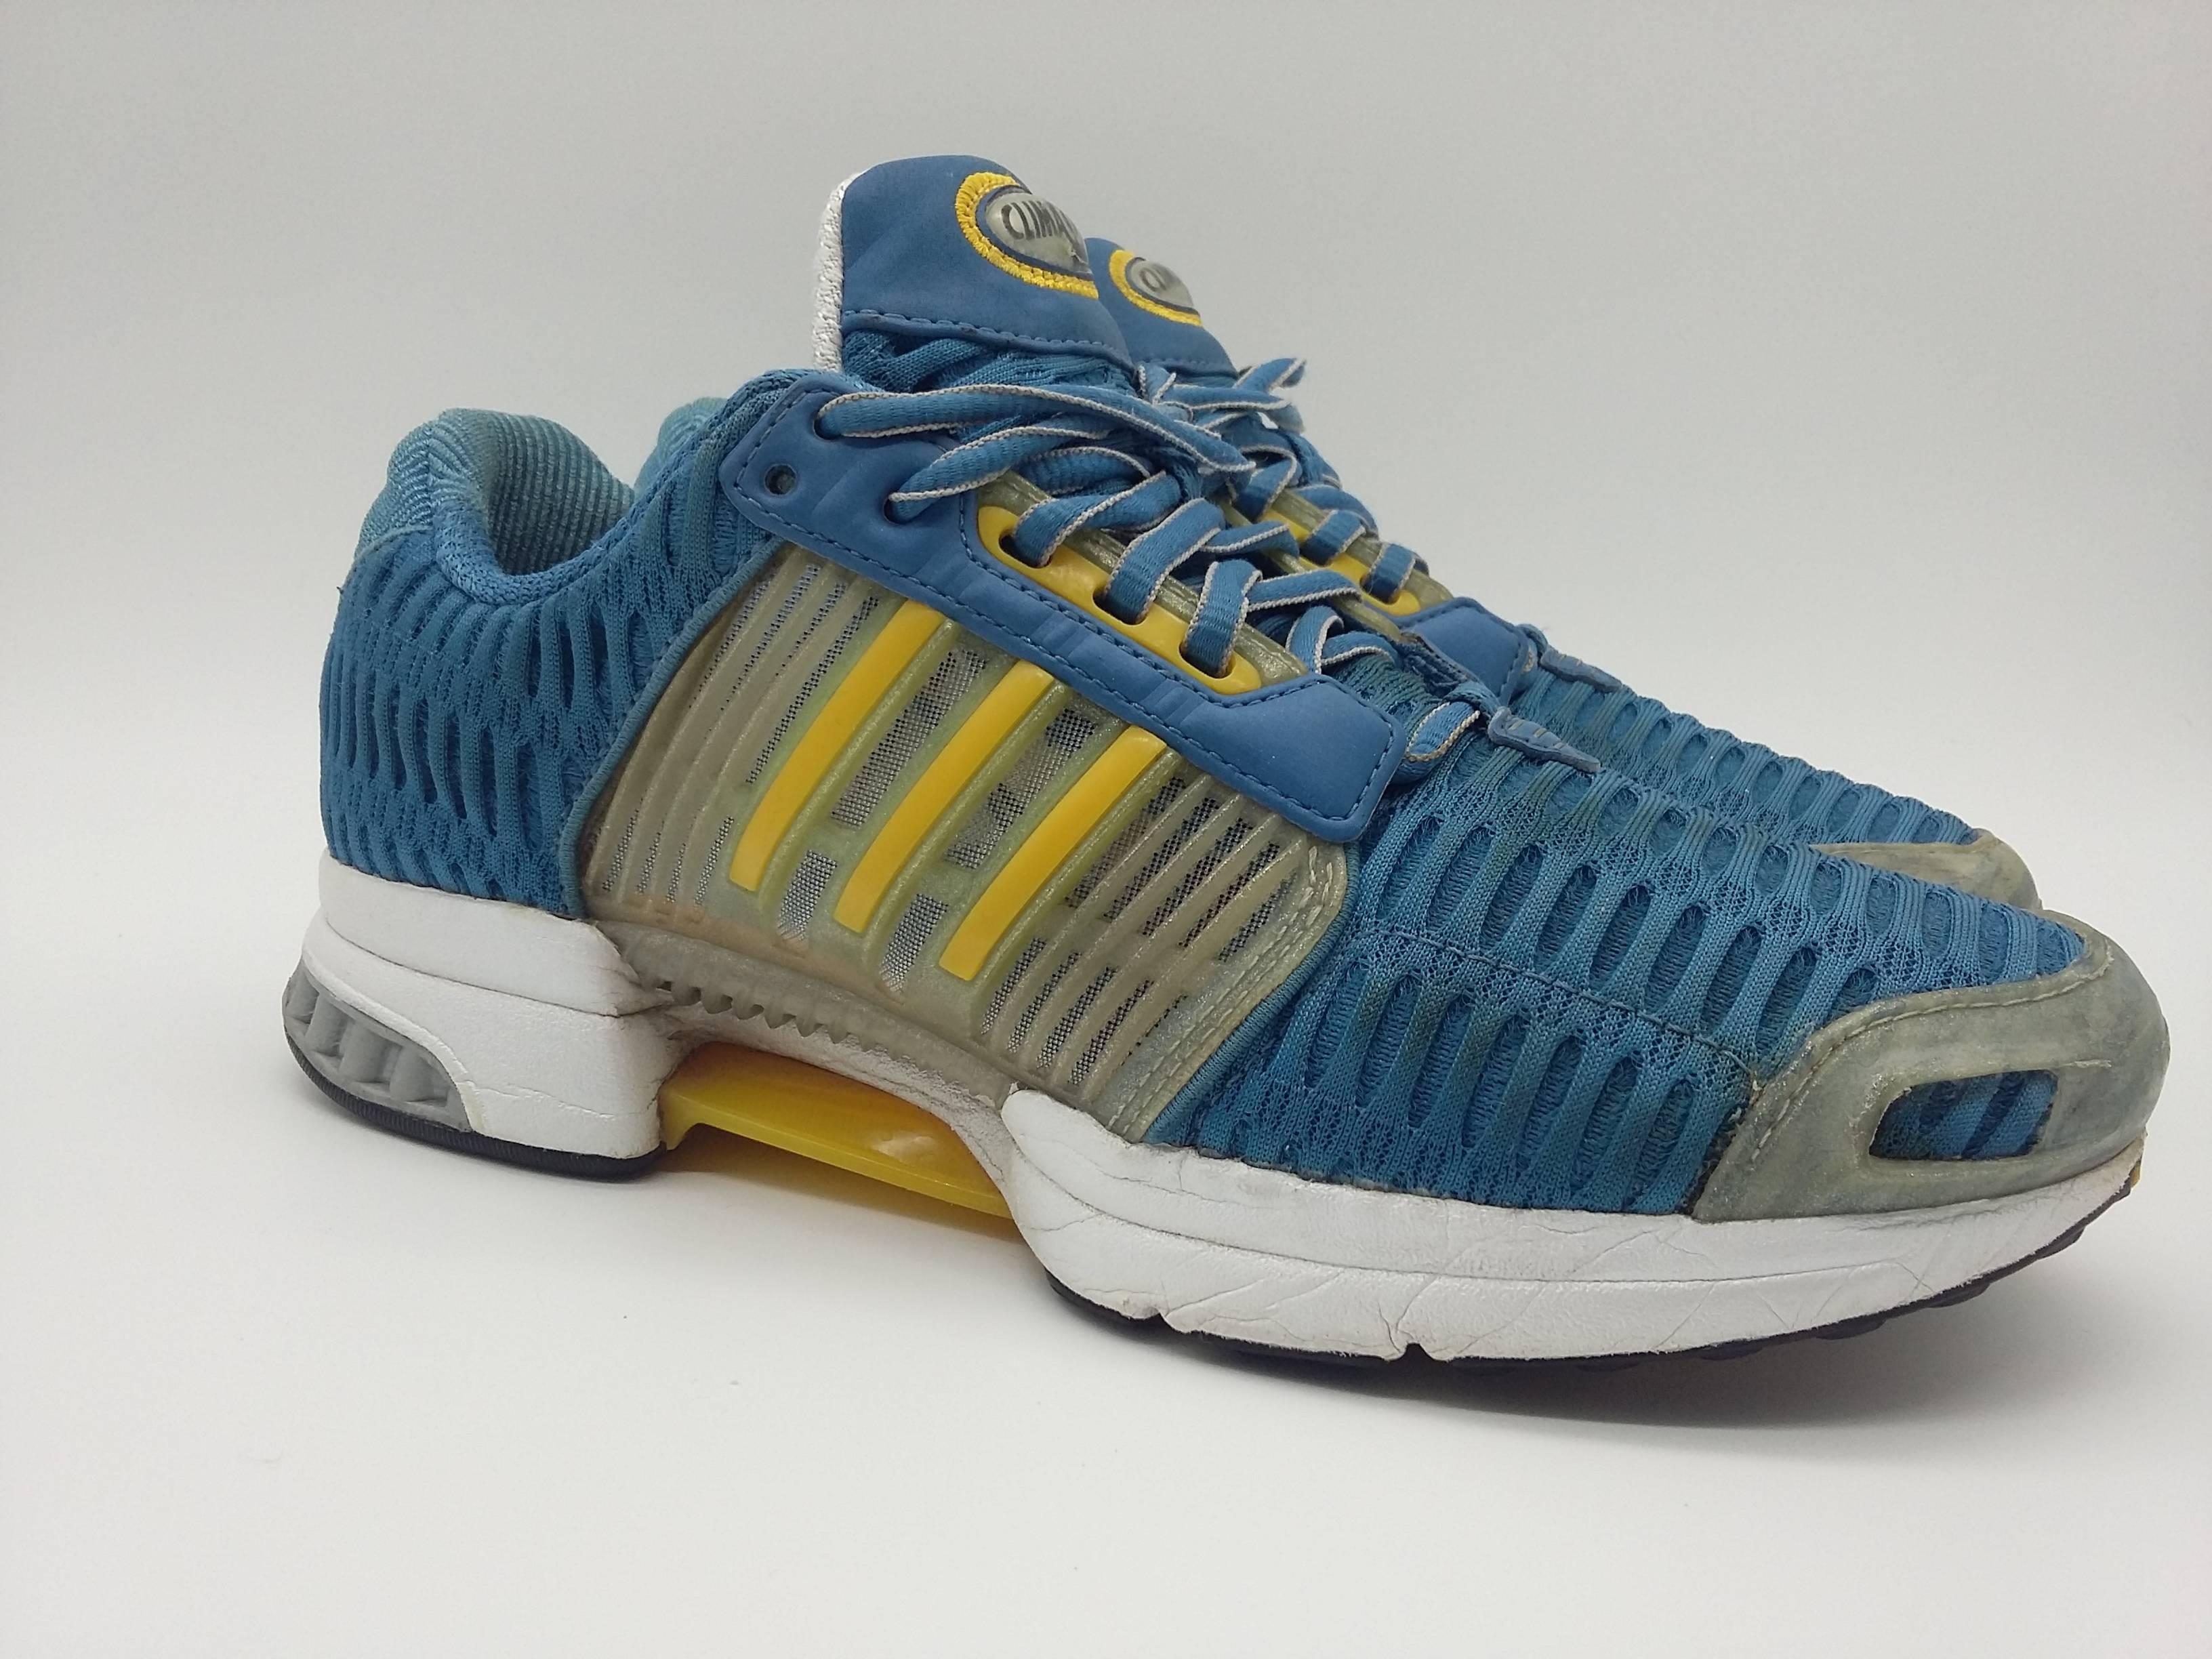 Adidas Climacool Mens Trainers size 6 eu 39 RETRO 03/2002